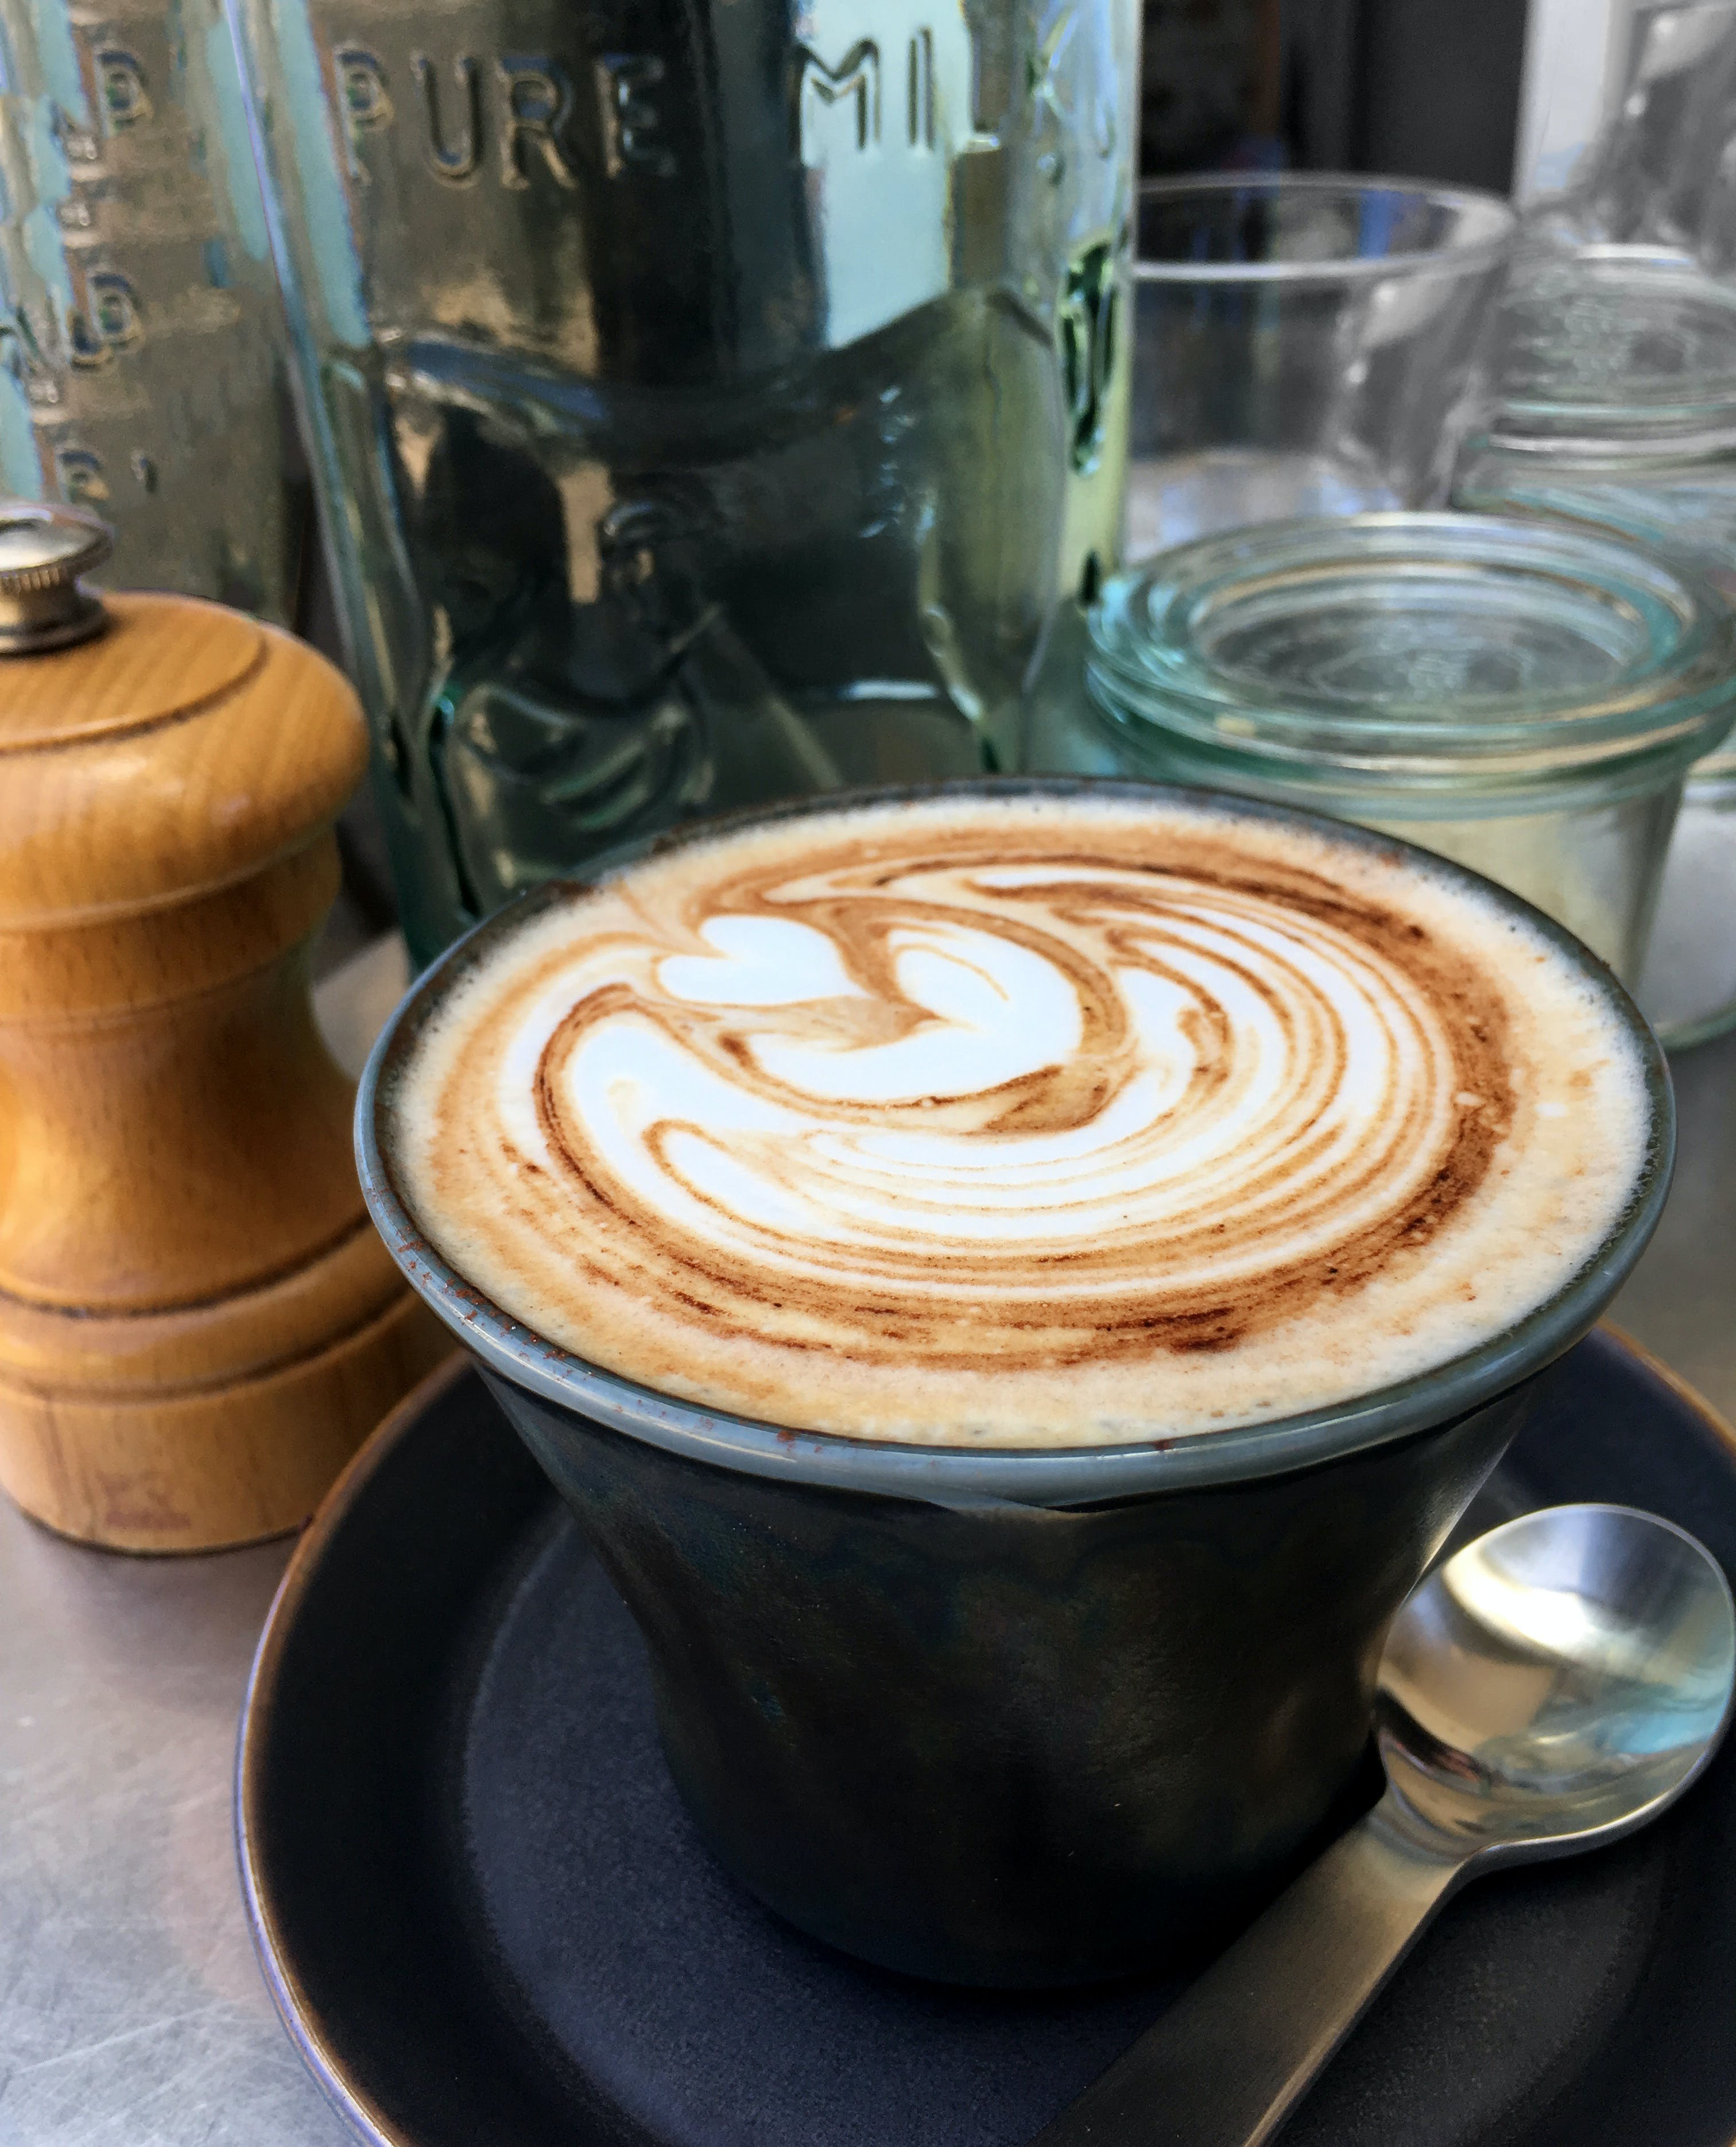 Gratis stockfoto met bar, cafeïne, cappuccino, cappuccino tafel